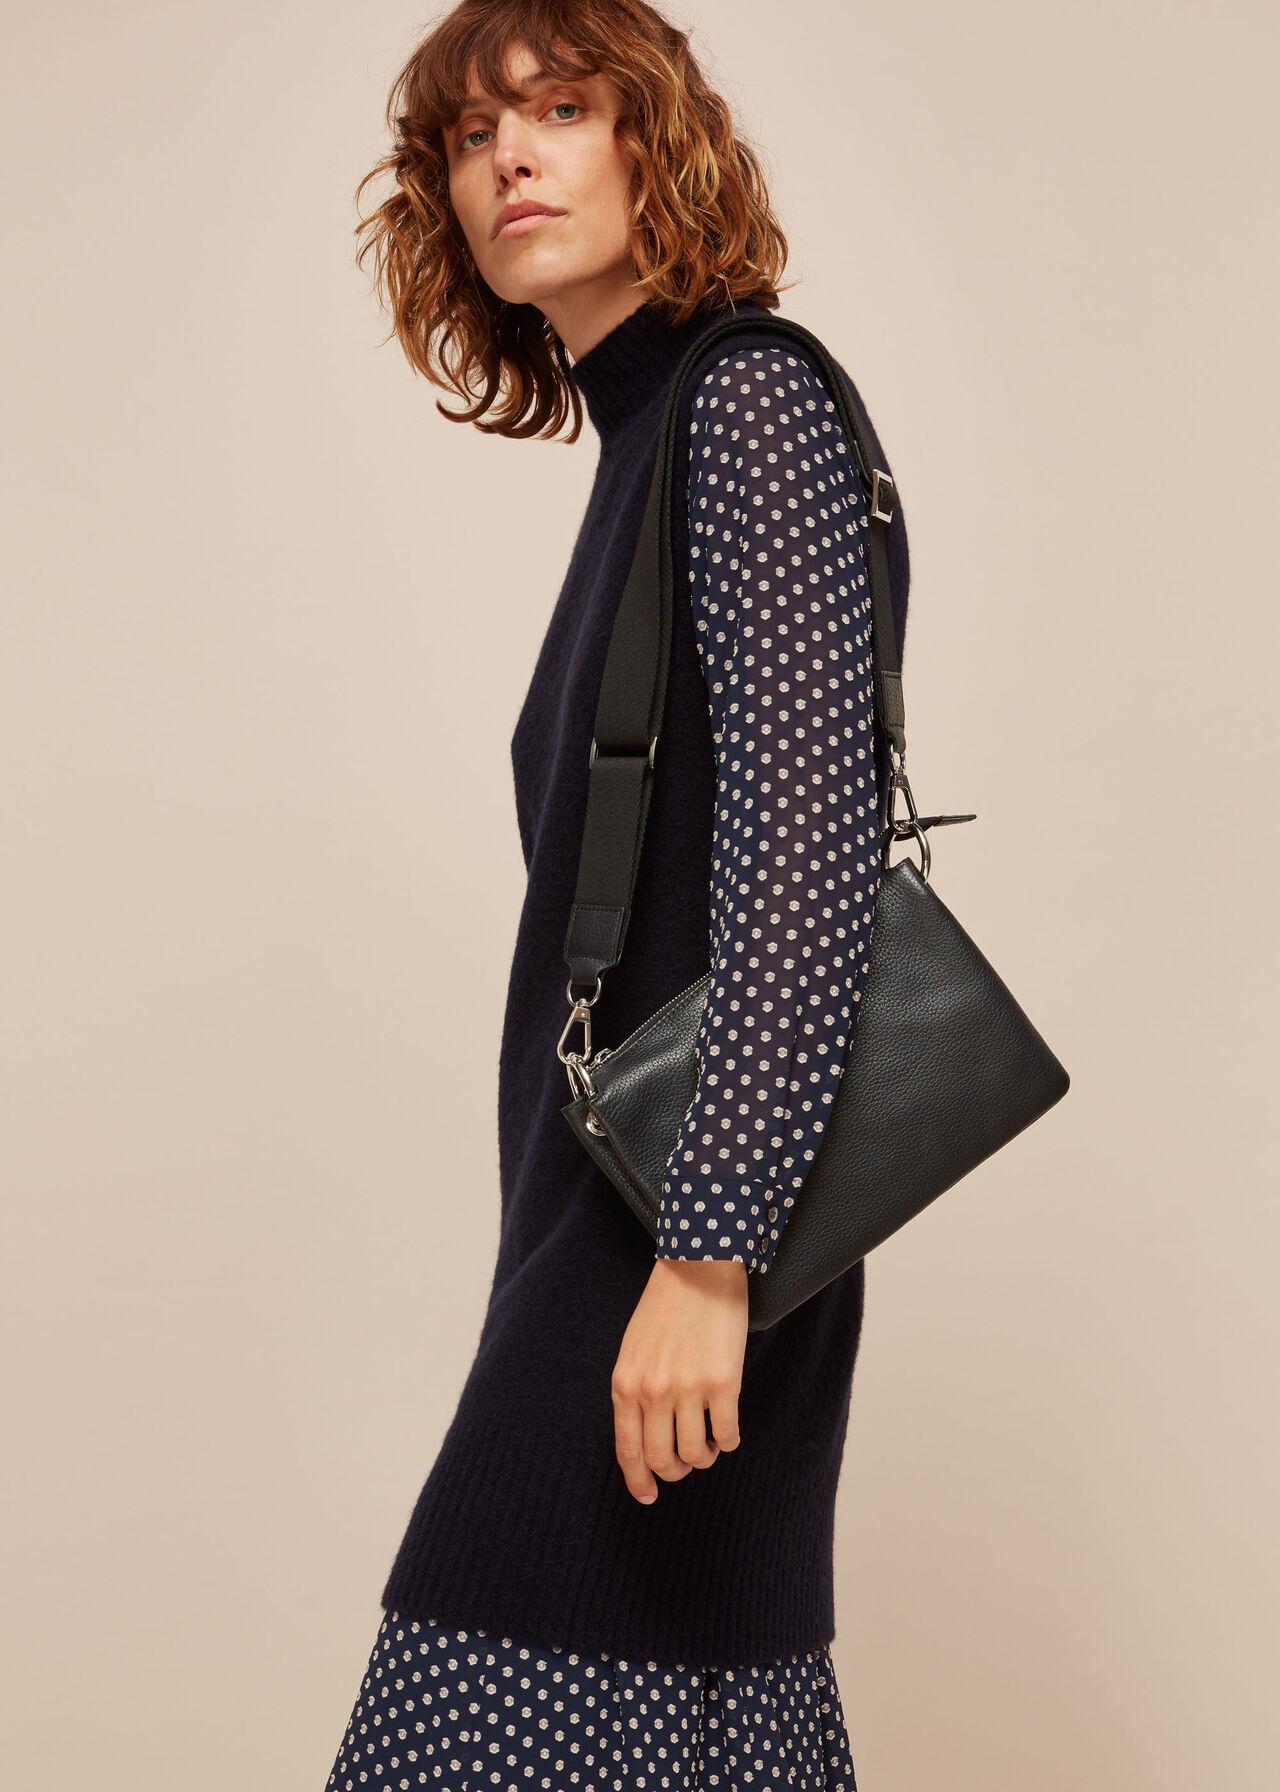 Katie Triple Pouch Bag